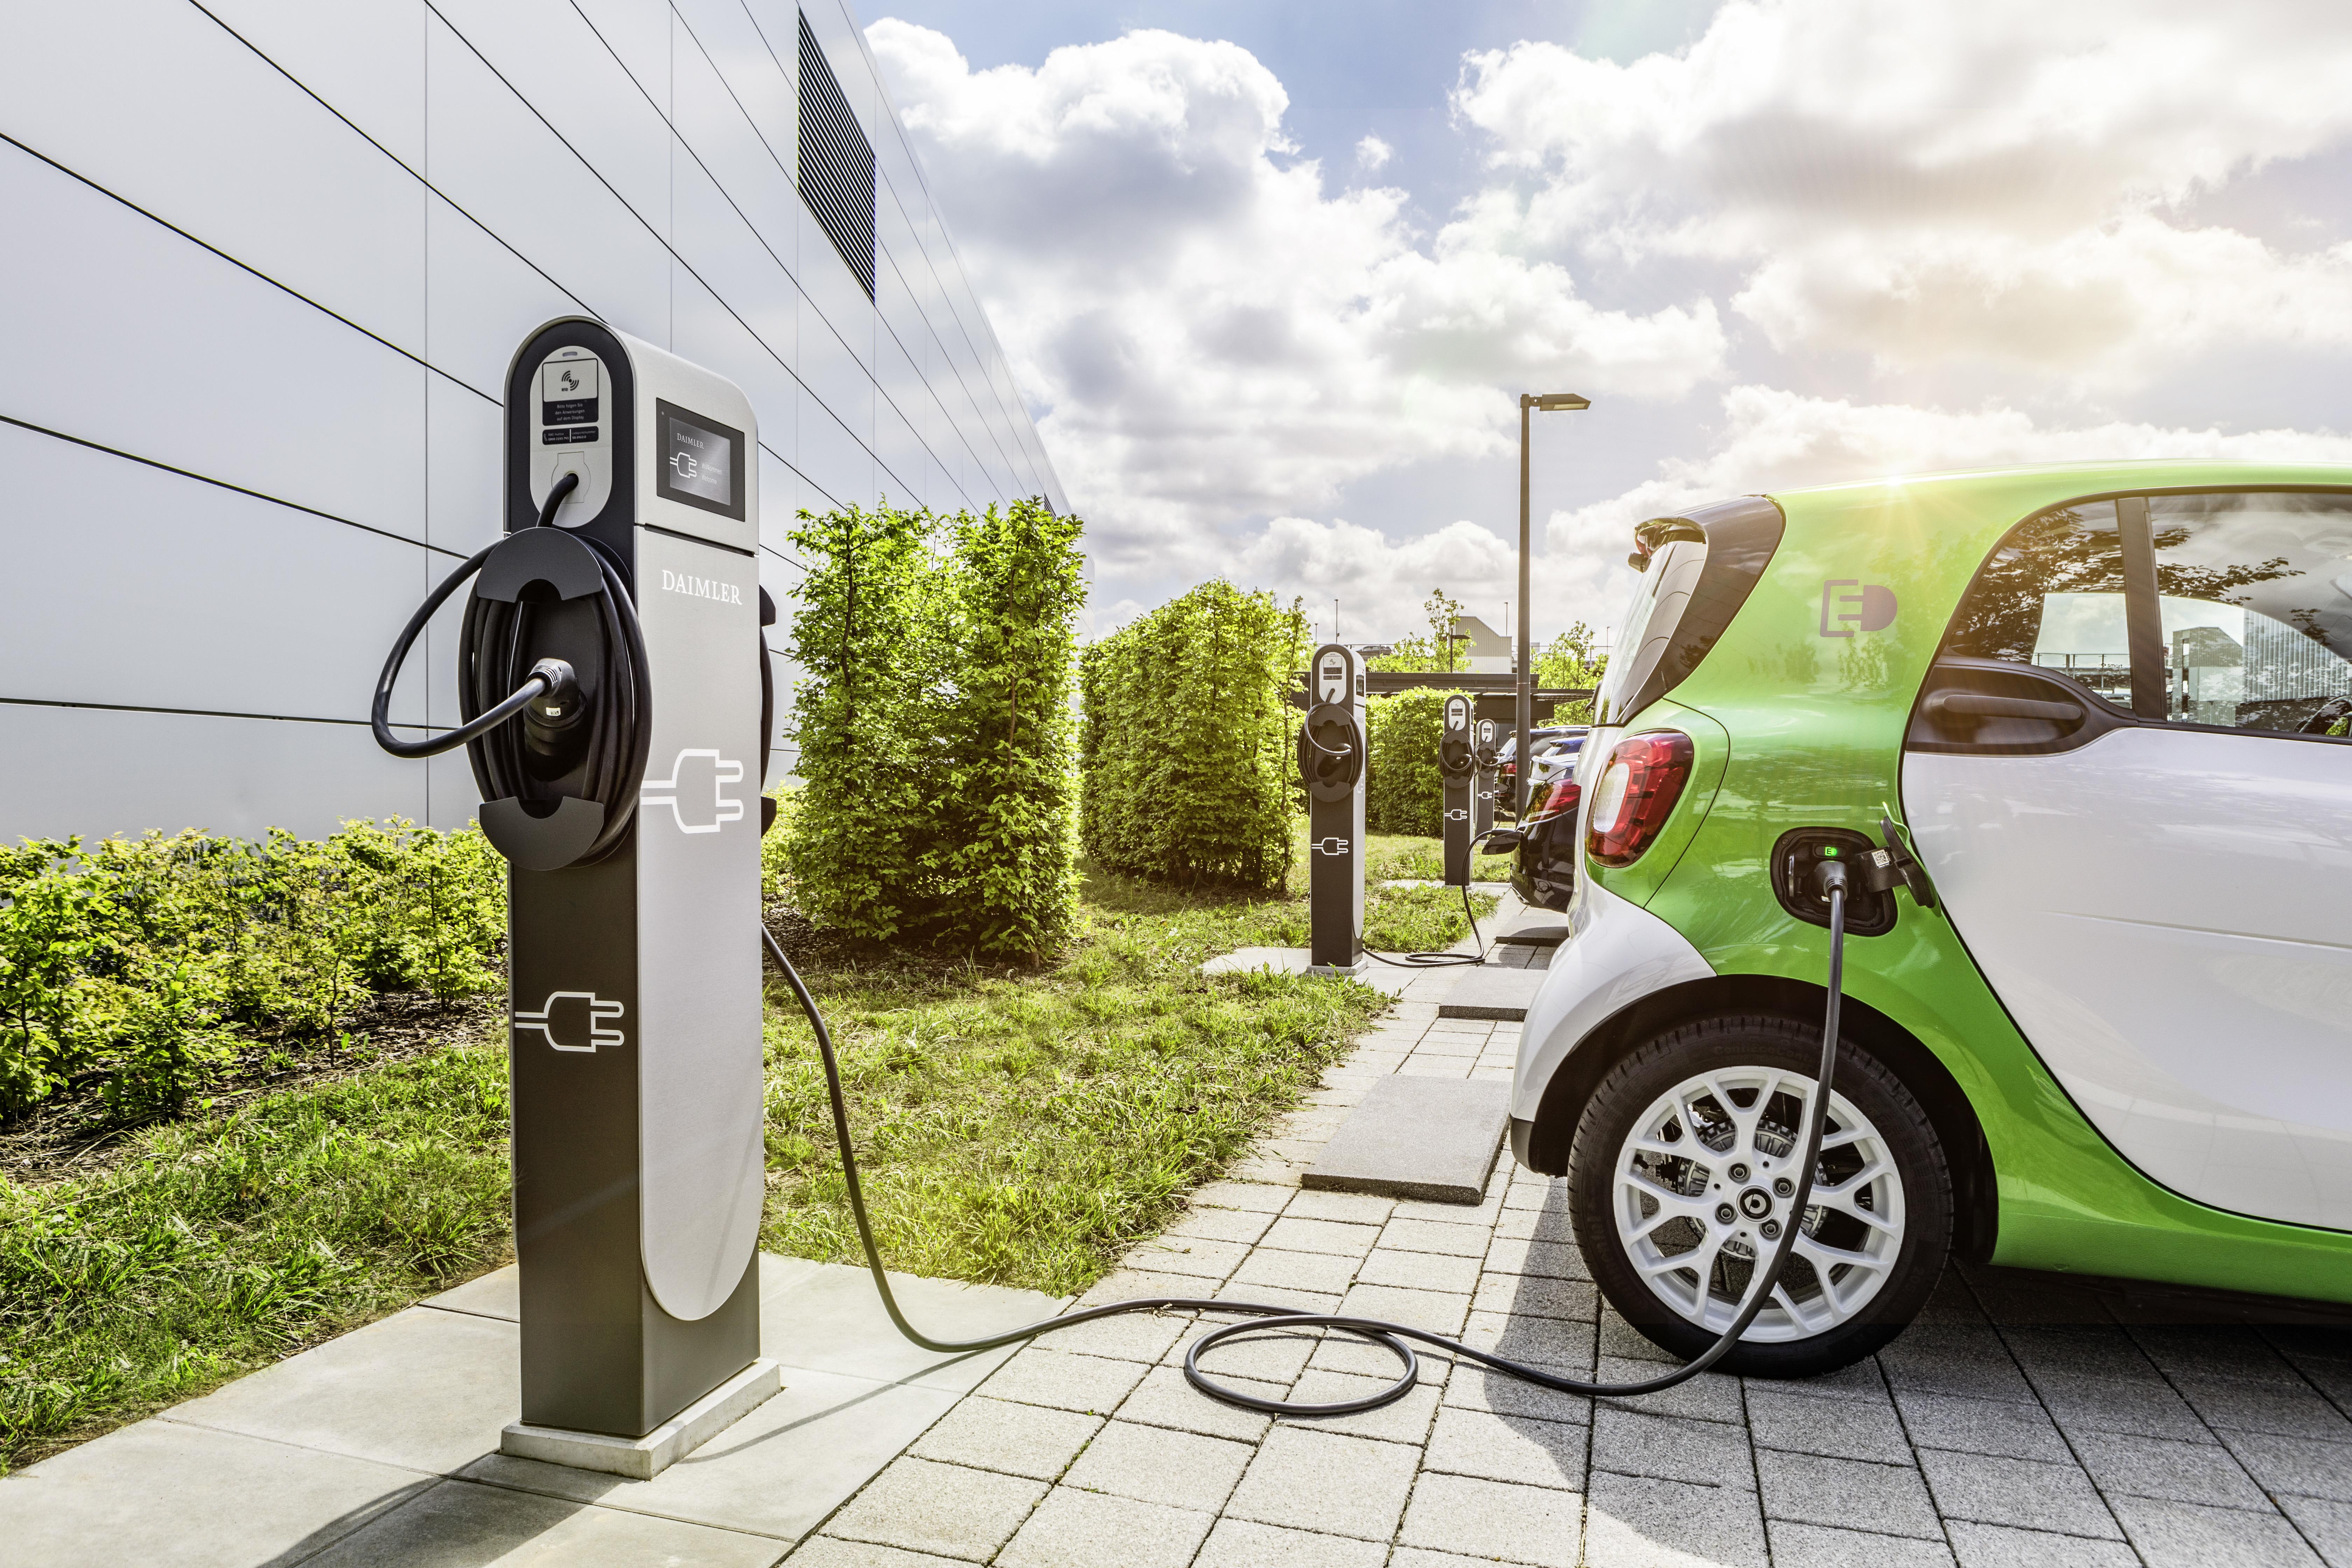 gasolineras del futuro Concesur